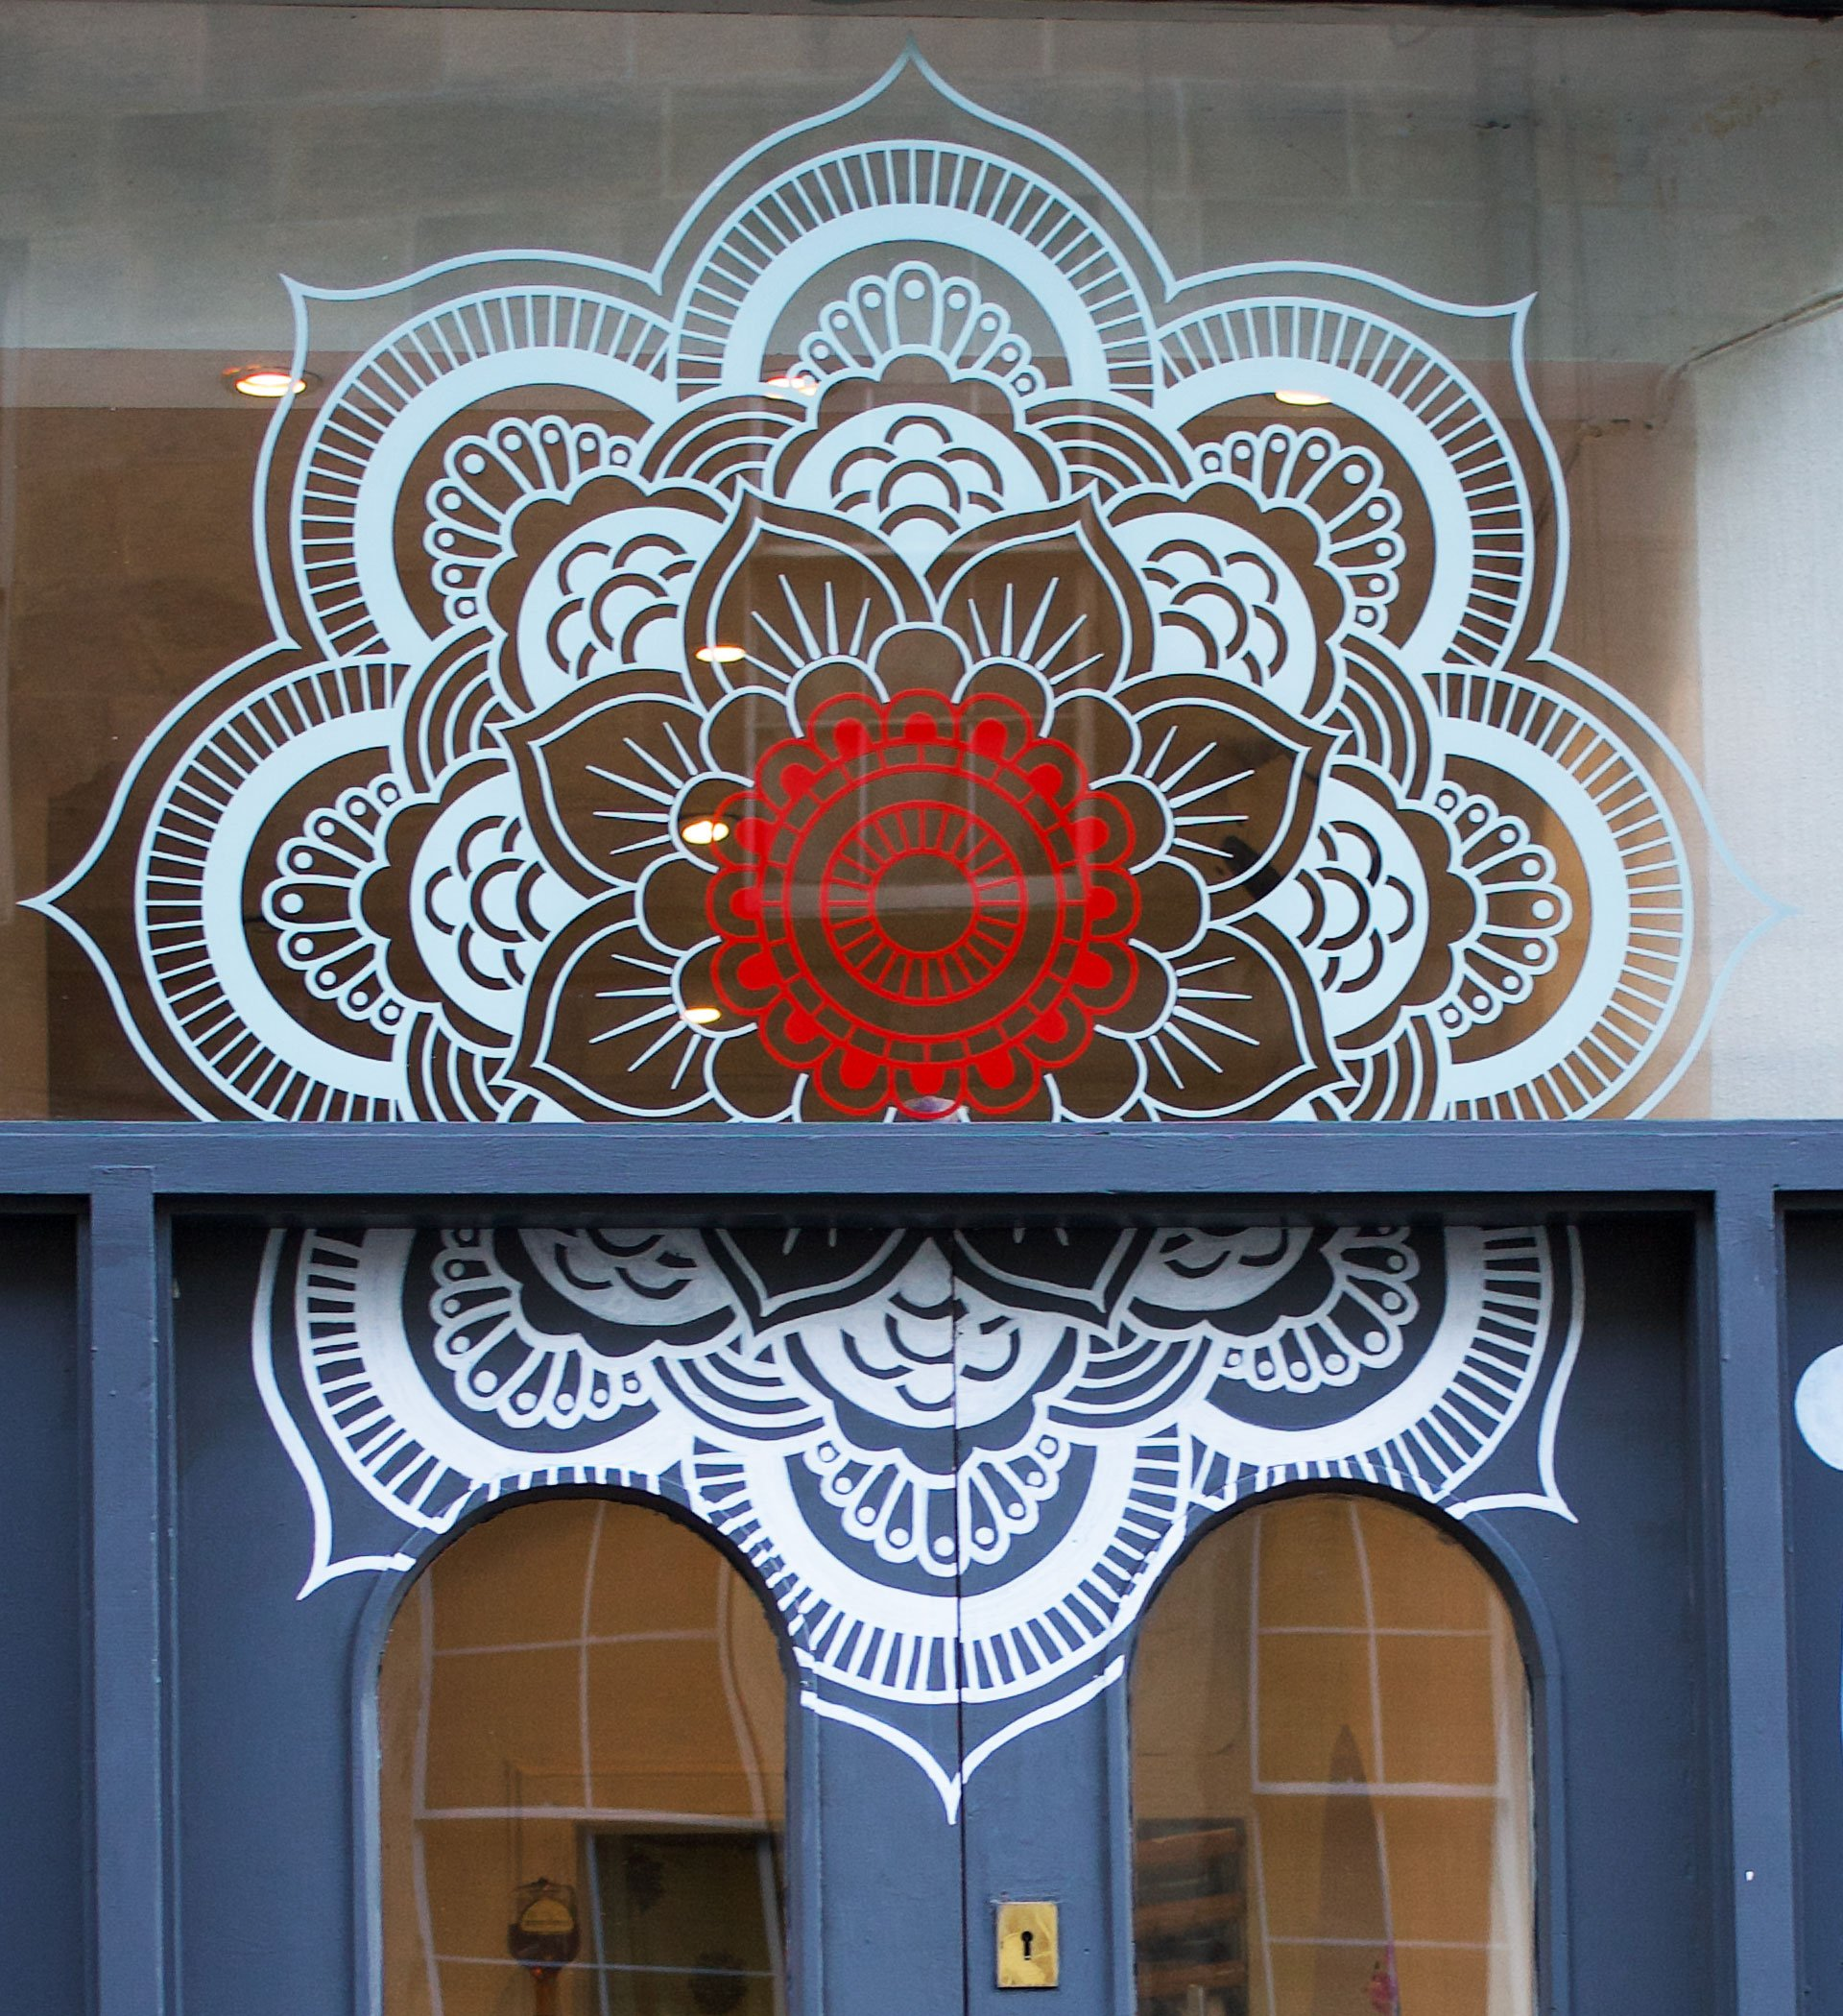 Bindi wall art based on Mandala painted on door and window